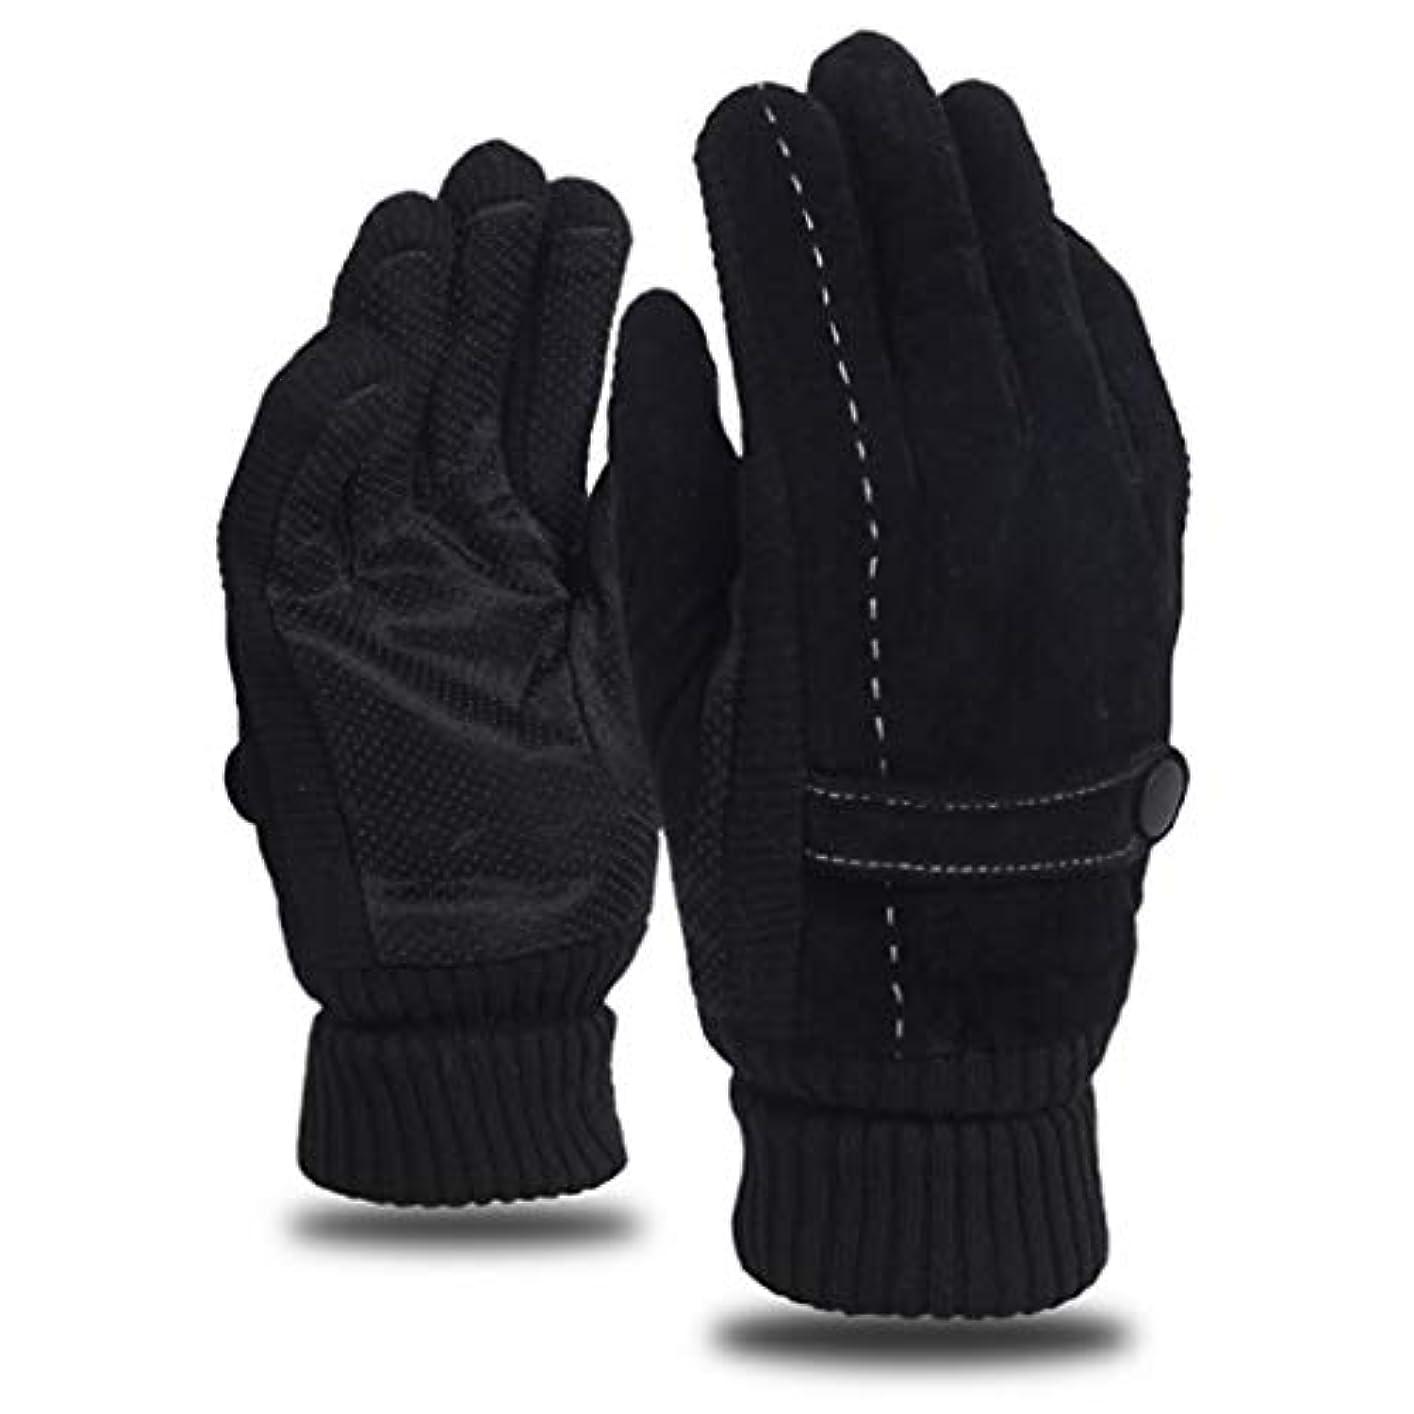 効果的にたとえ機動レザーグローブメンズウィンライディングプラスベルベット厚手暖かいドライビングアウトドアオートバイ防風コールドノンスリップメンズコットン手袋 (色 : 黒)